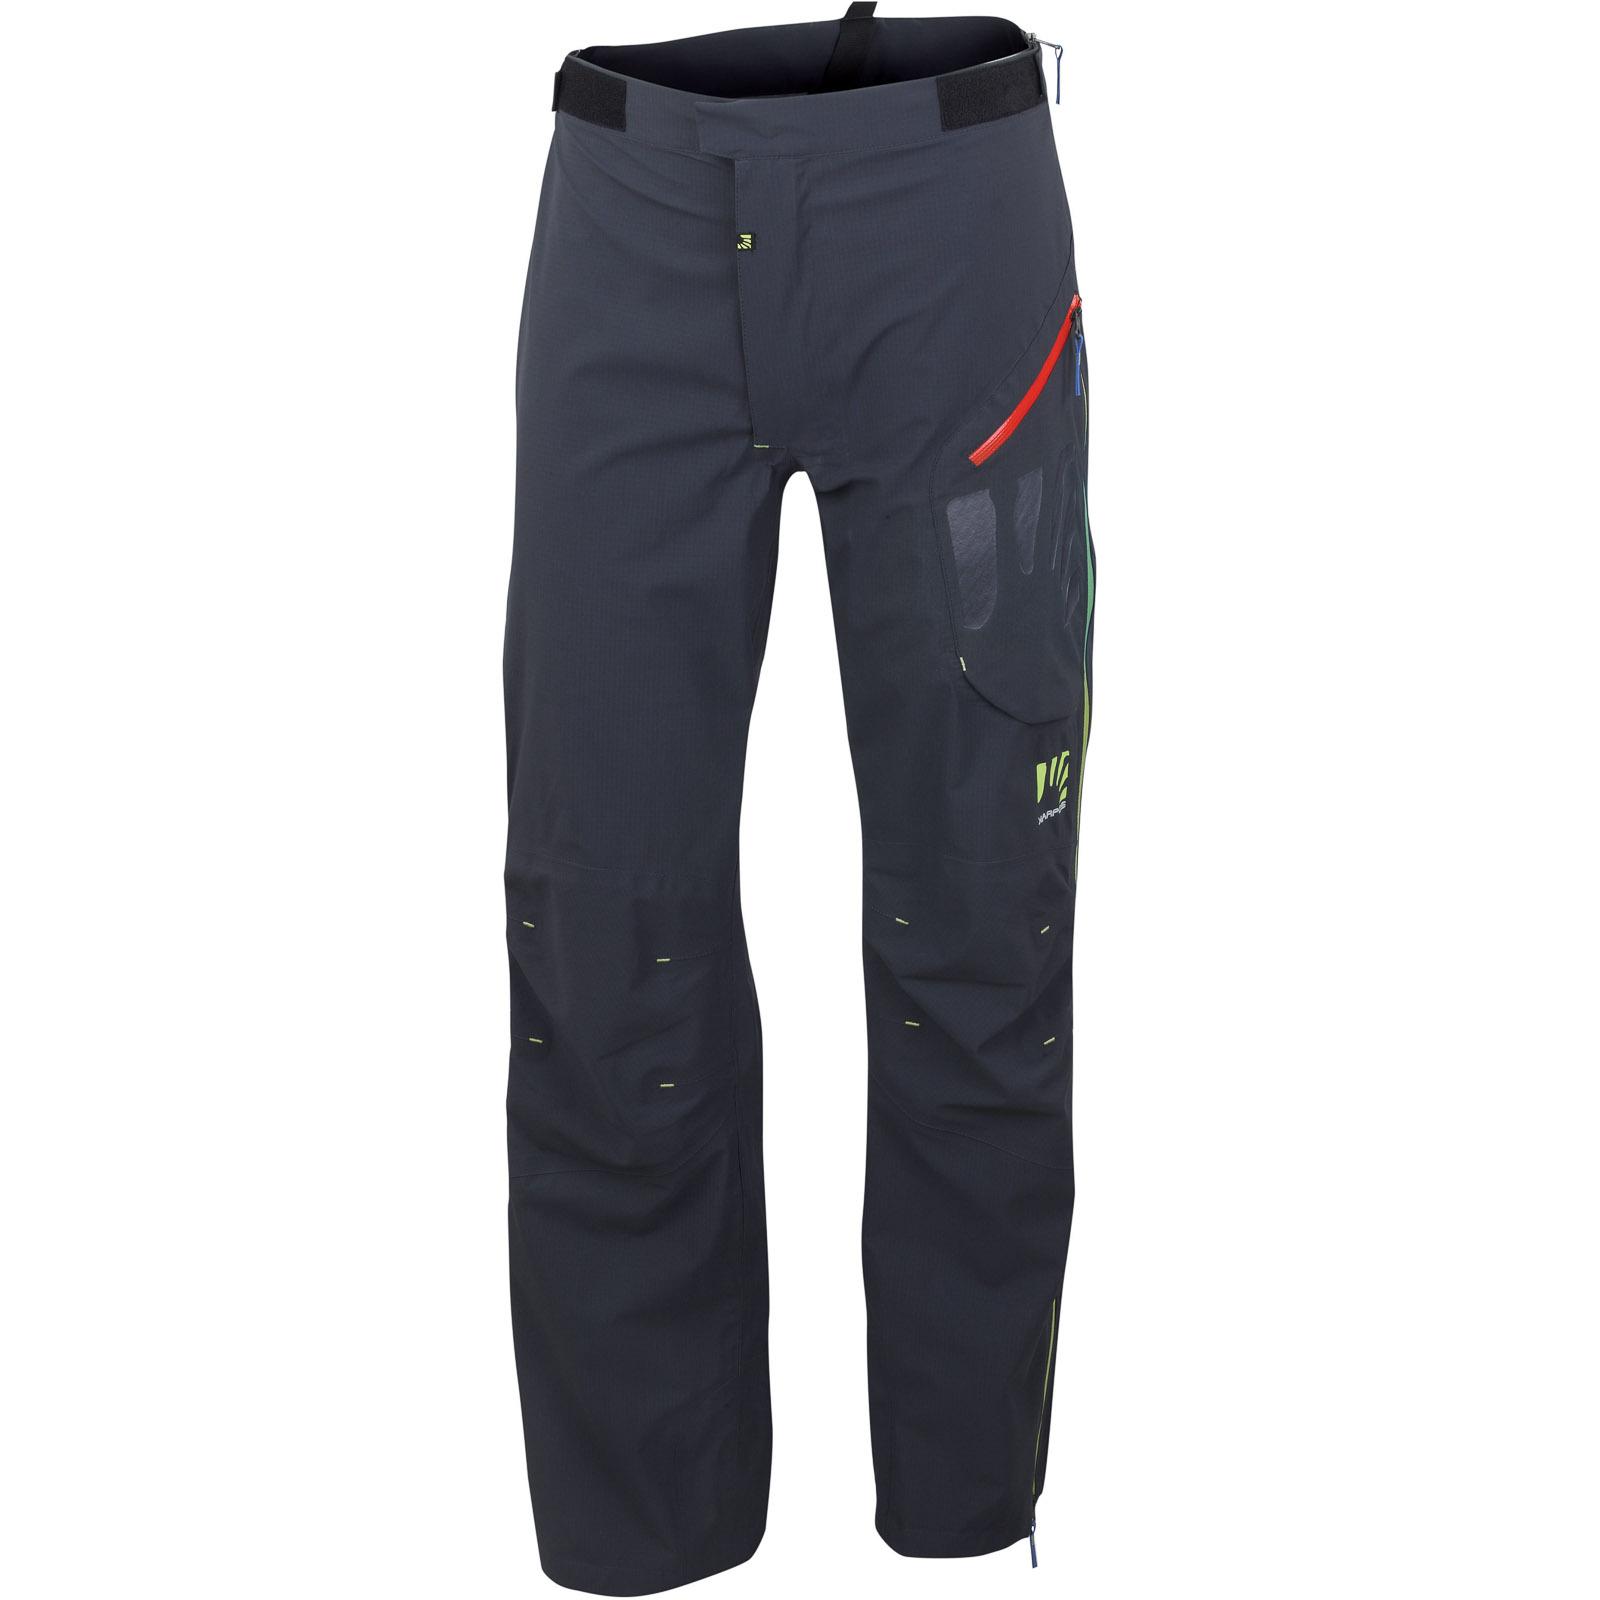 2f2efb63ae63 Karpos STORM nohavice sivé. Karpos STORM nohavice sivé. Pre absolútny  zážitok prosím použite prehliadač s javascriptom